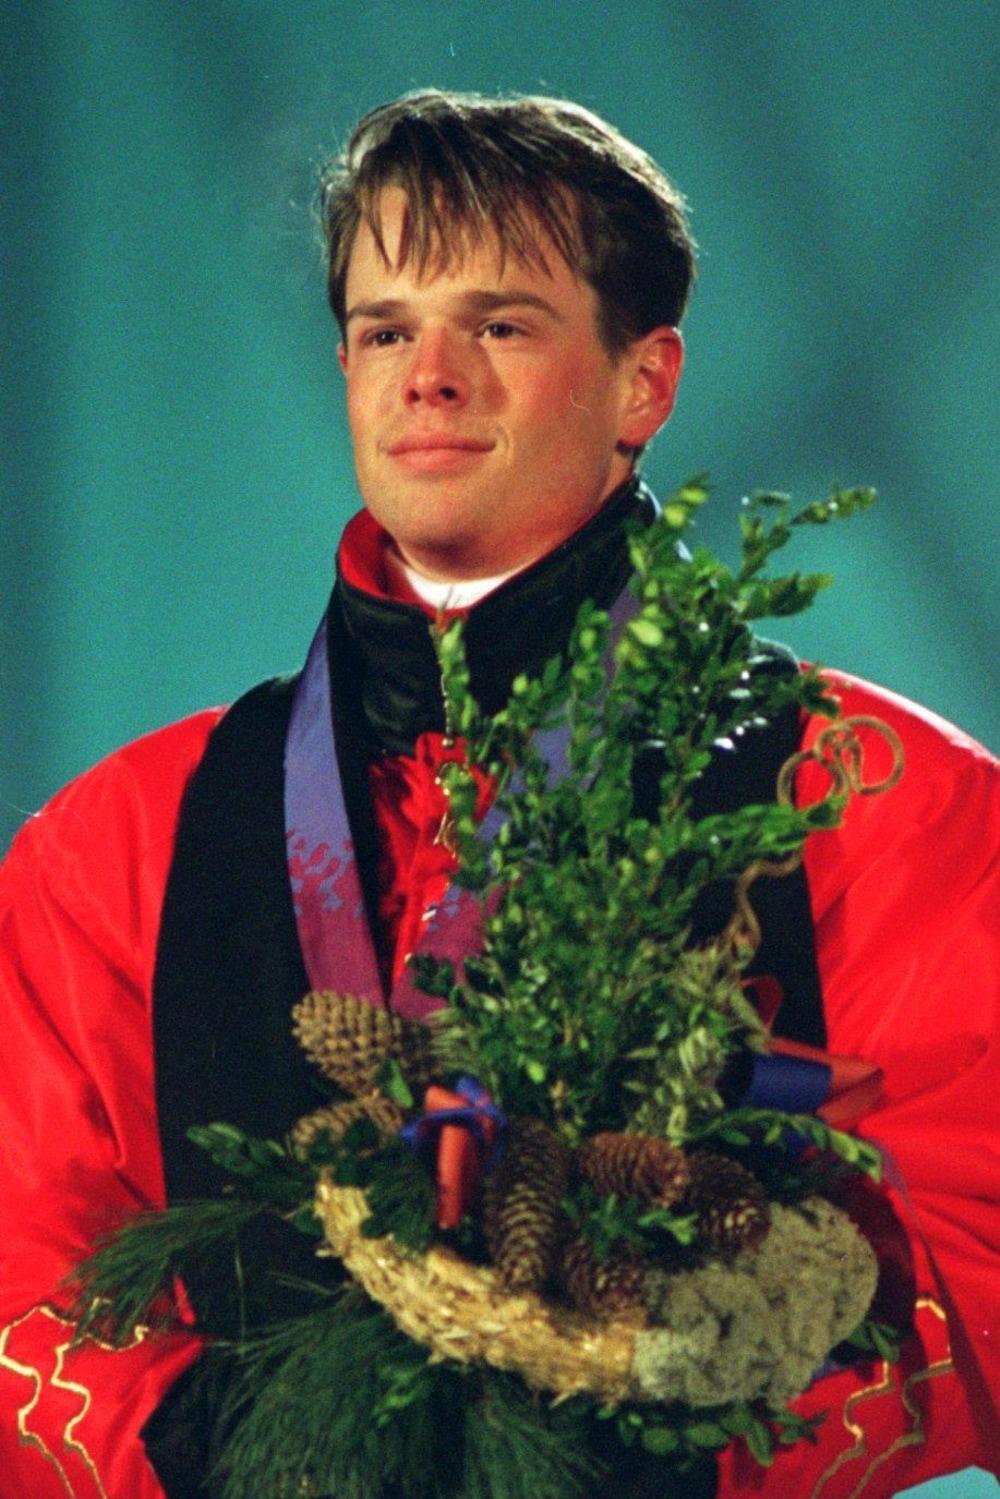 16 février 1994 : Jean-Luc Brassard lors de la cérémonie des médailles, après avoir reçu l'or de l'épreuve de bosses, en ski acrobatique, des Jeux olympiques de Lillehammer.